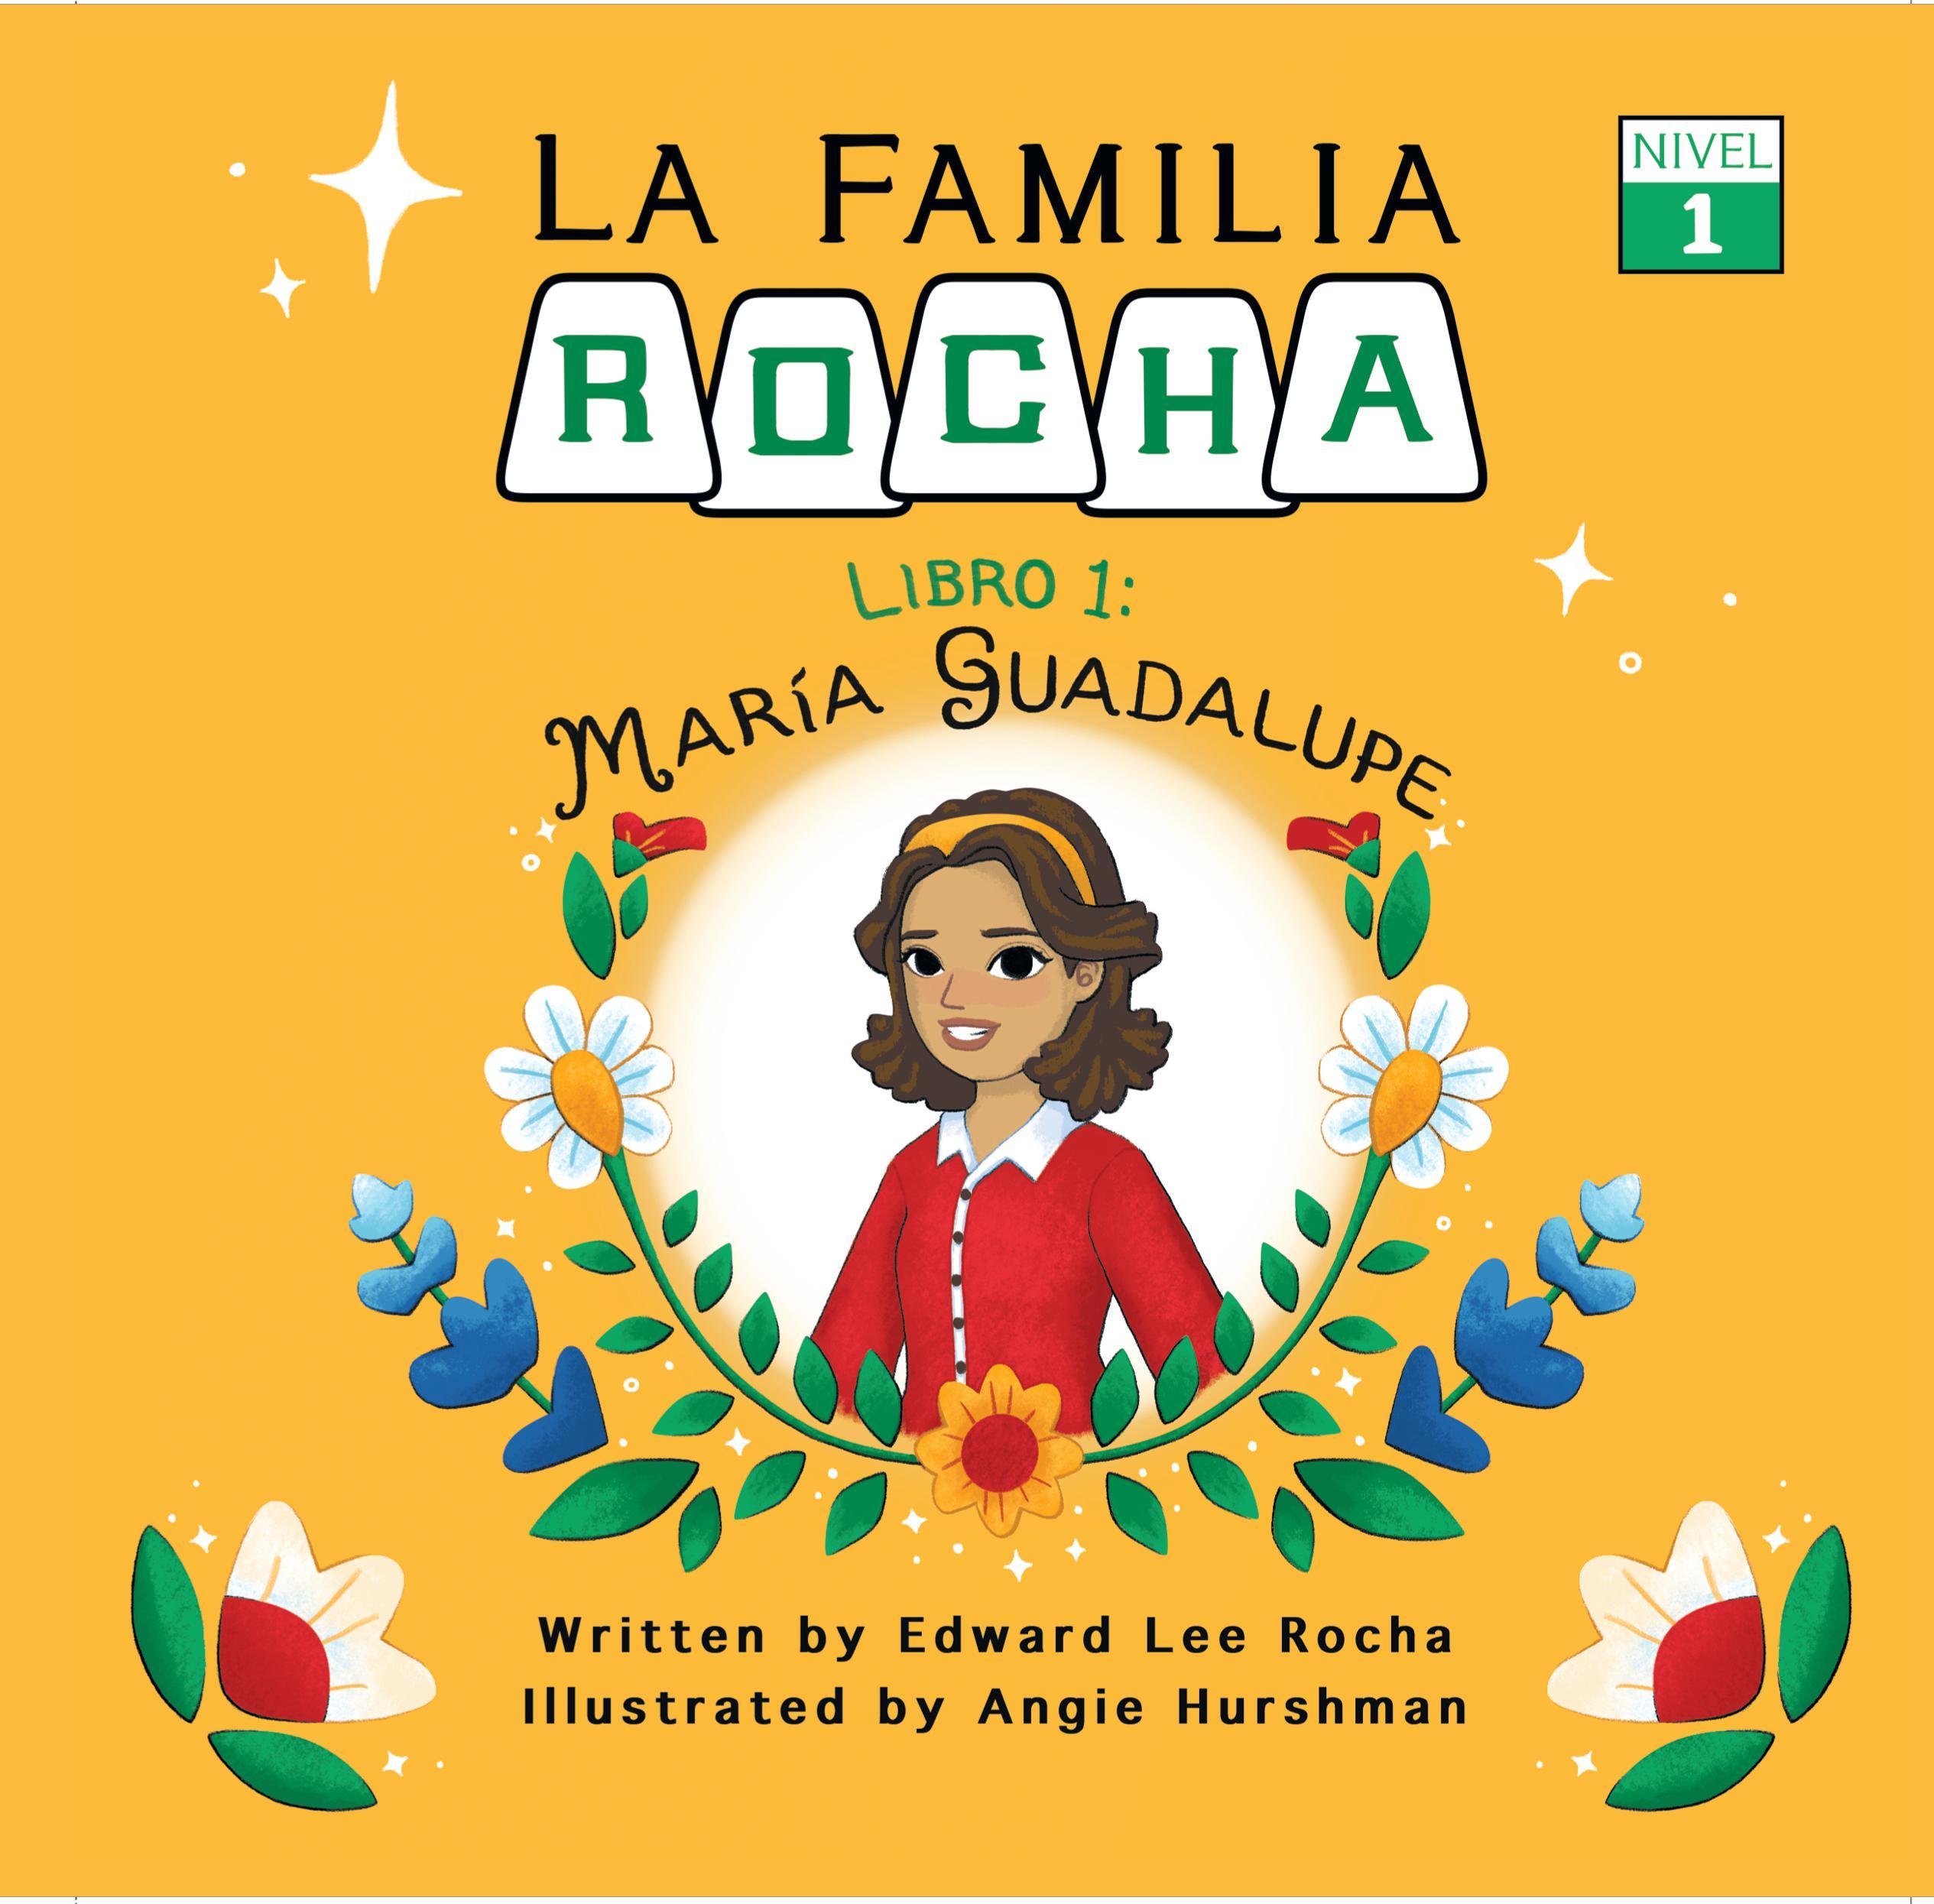 María Guadalupe